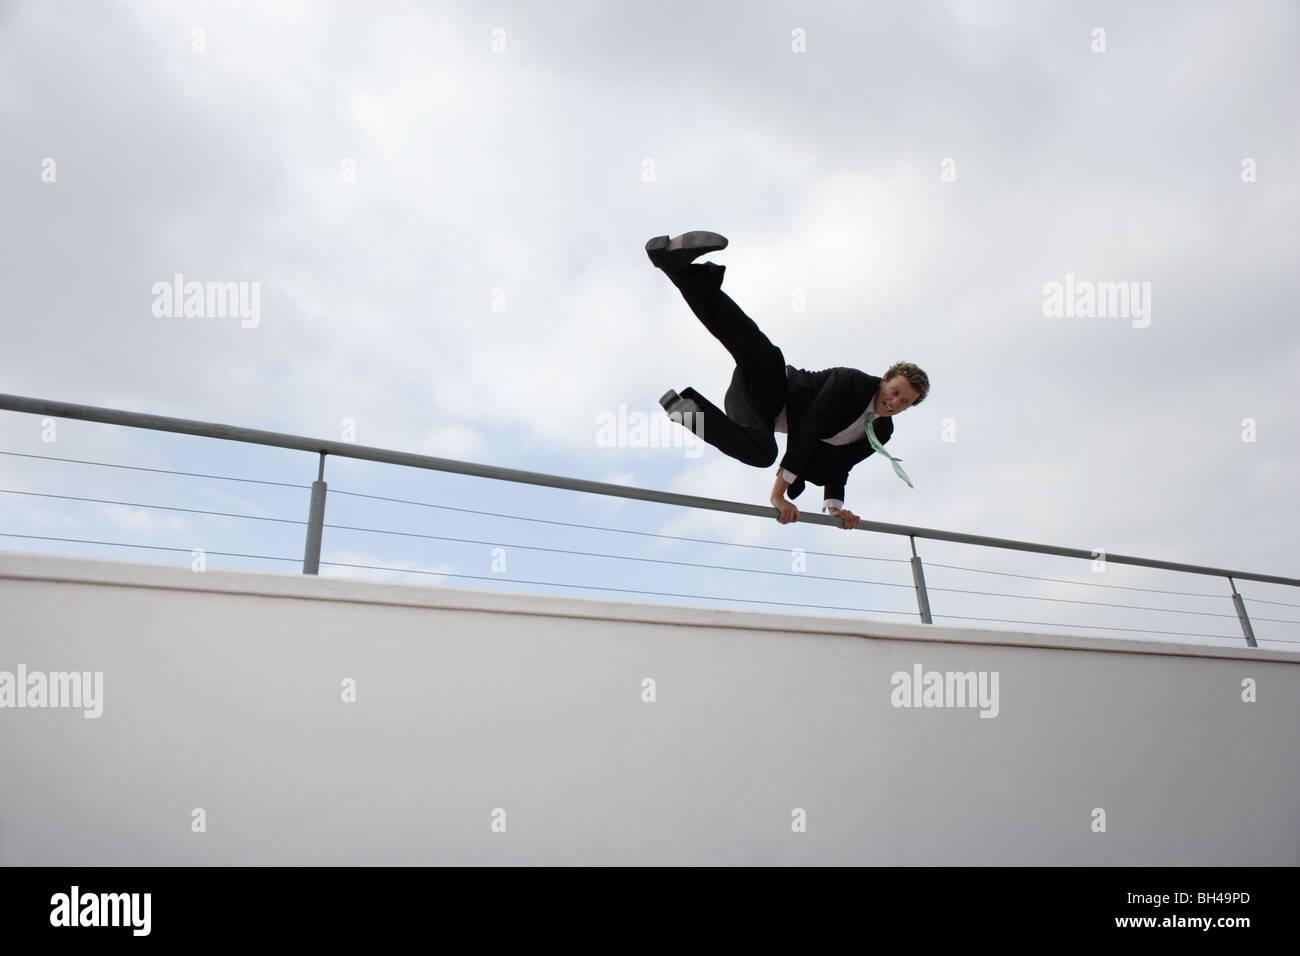 Jeune homme sautant par-dessus un mur dans la ville Photo Stock